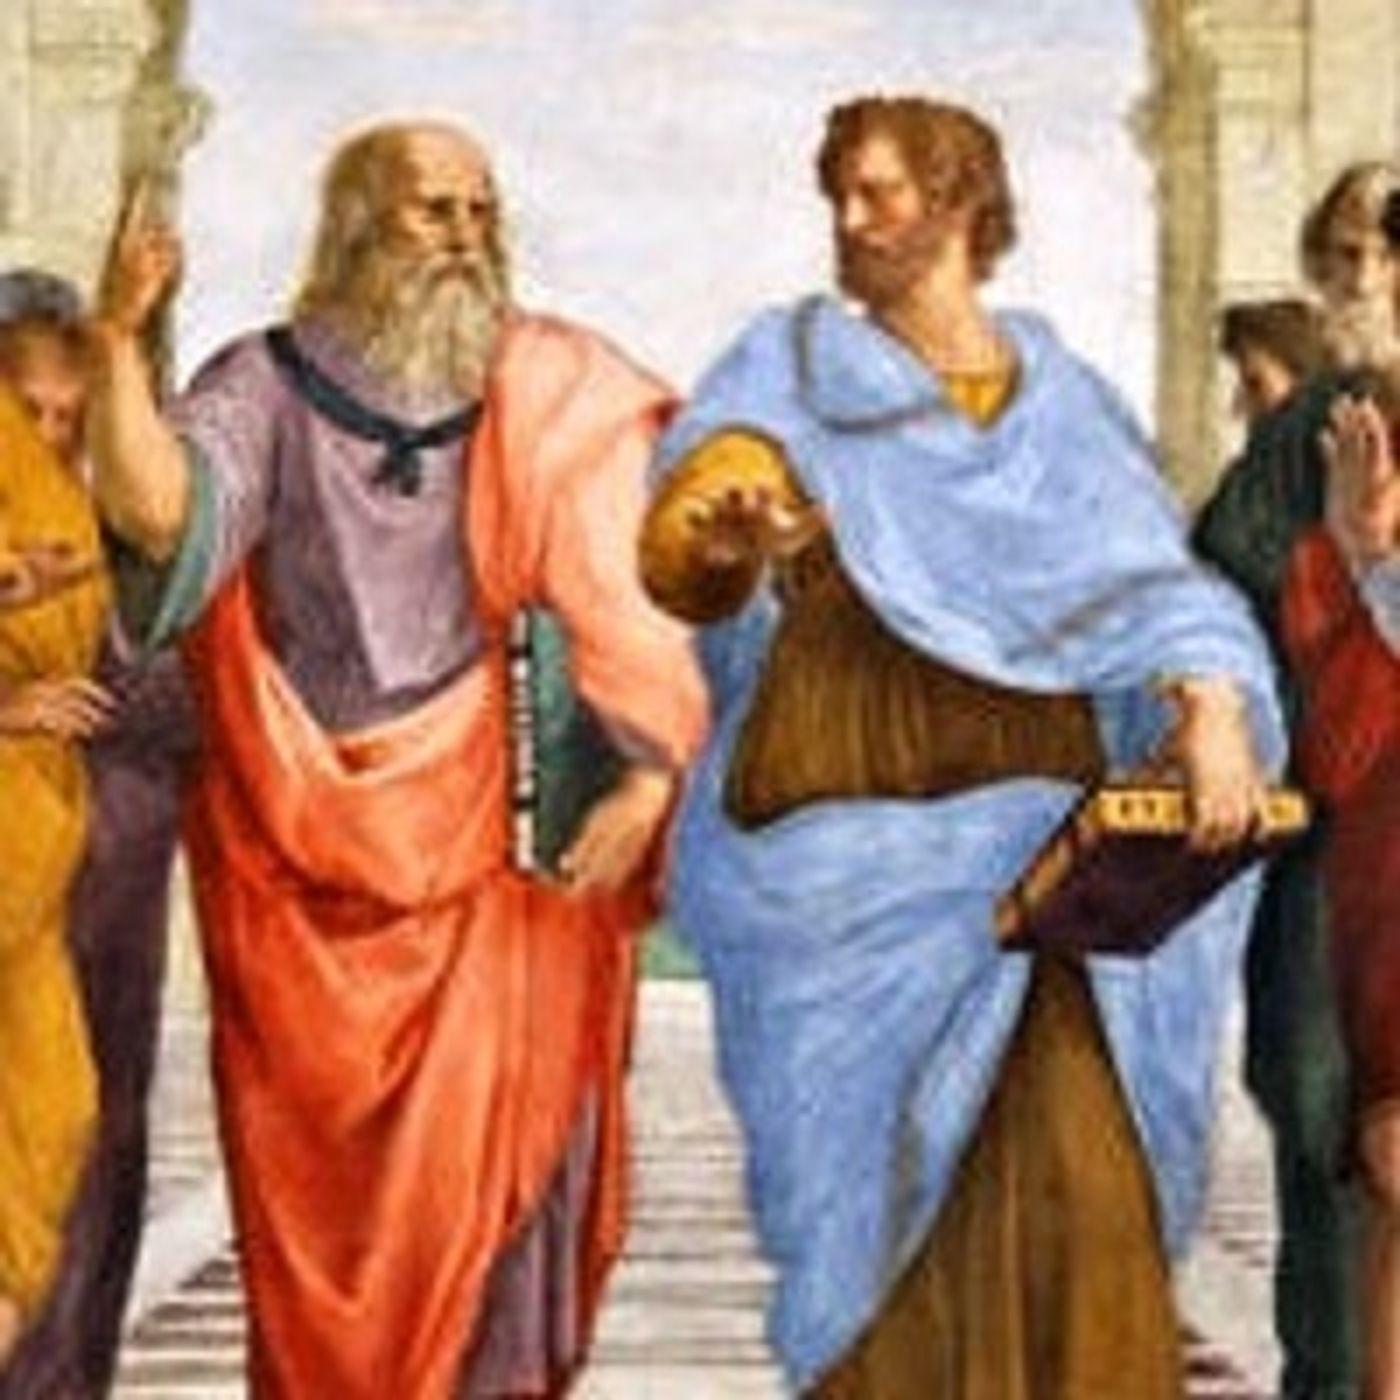 Perchè è importante la filosofia? A cosa serve?